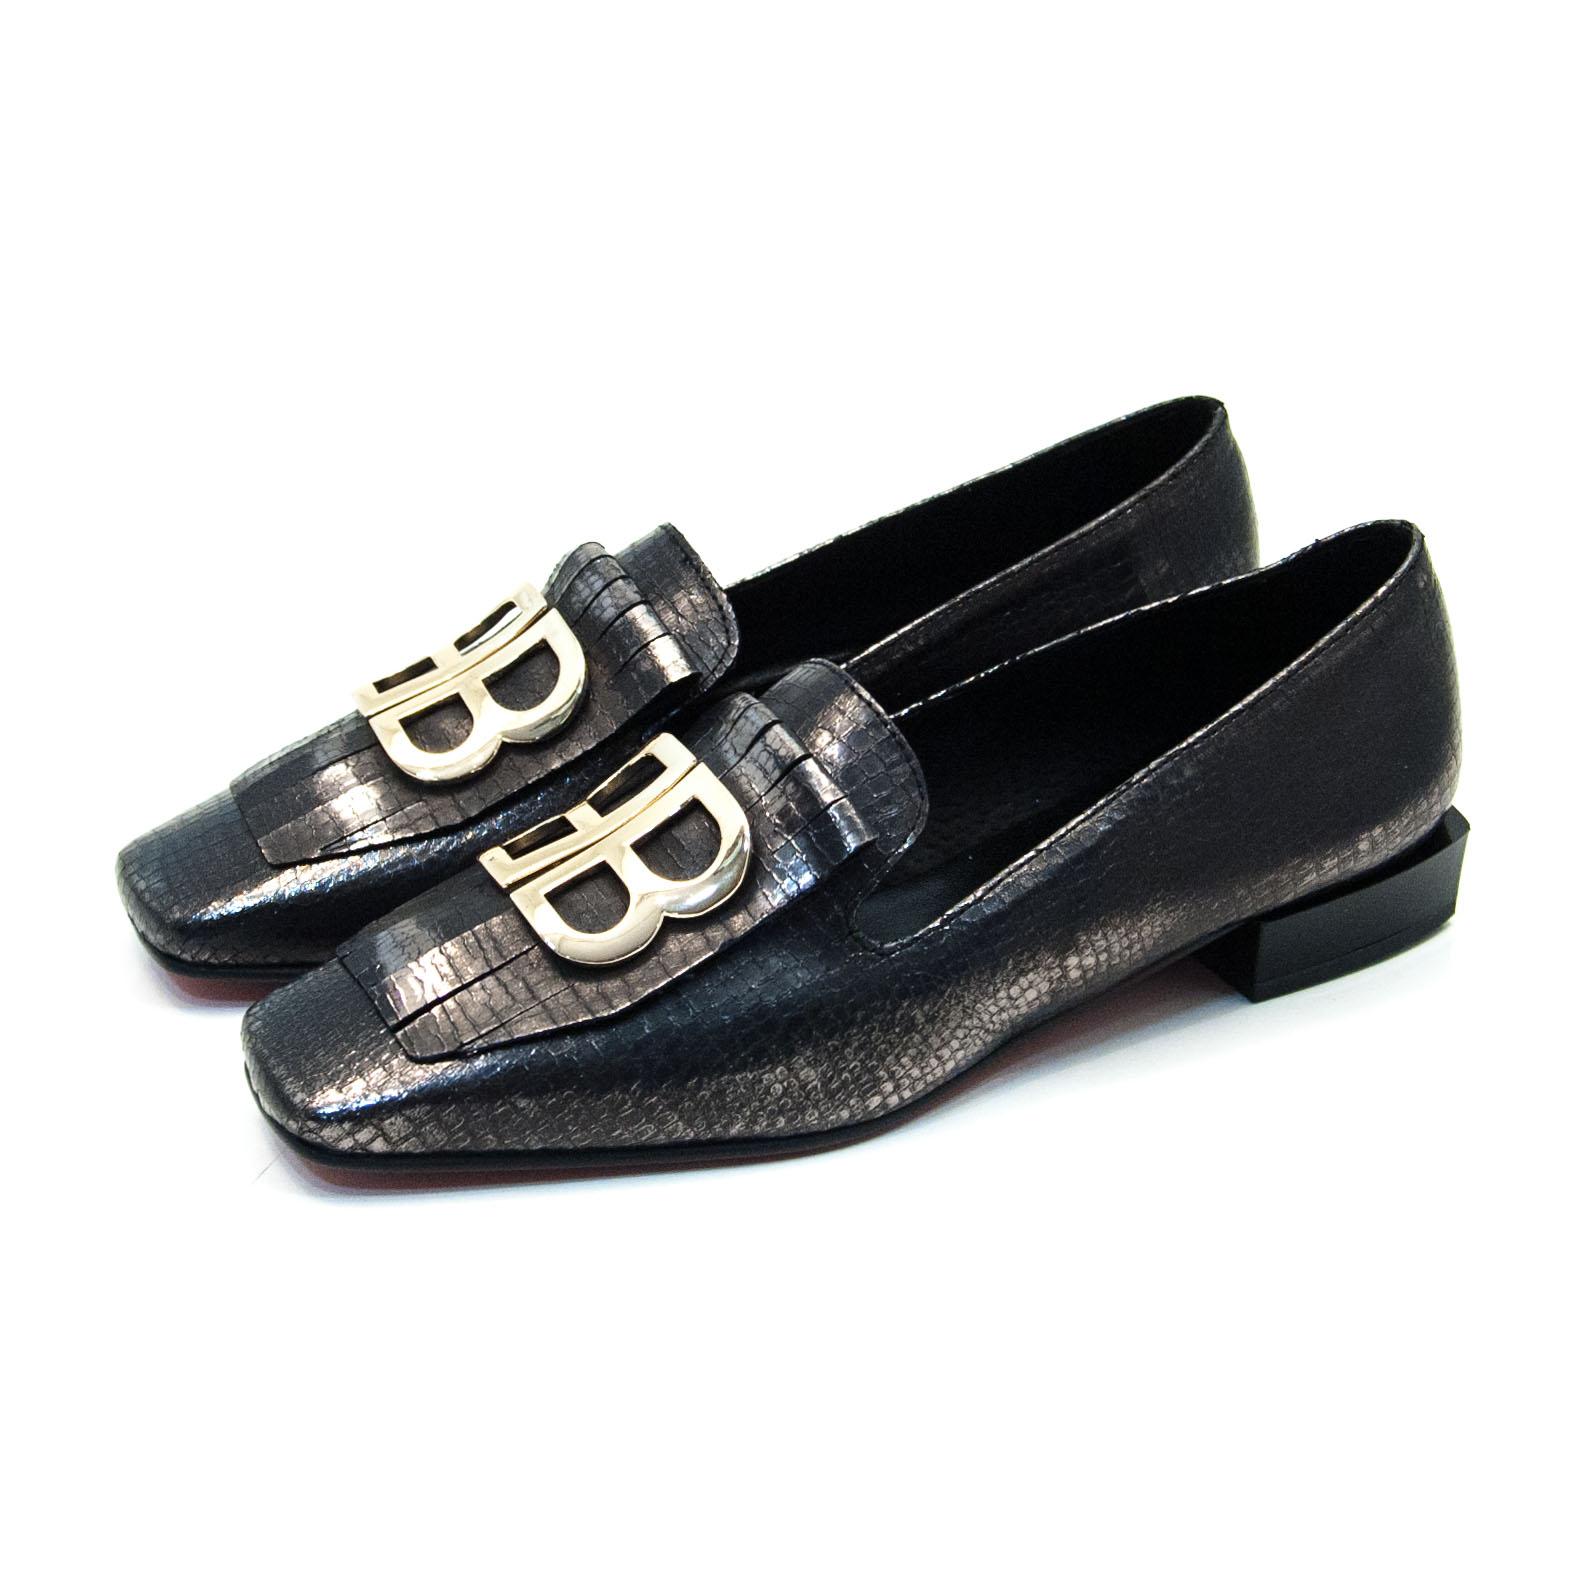 Γυναικείο παπούτσι WALL STREET 15620714